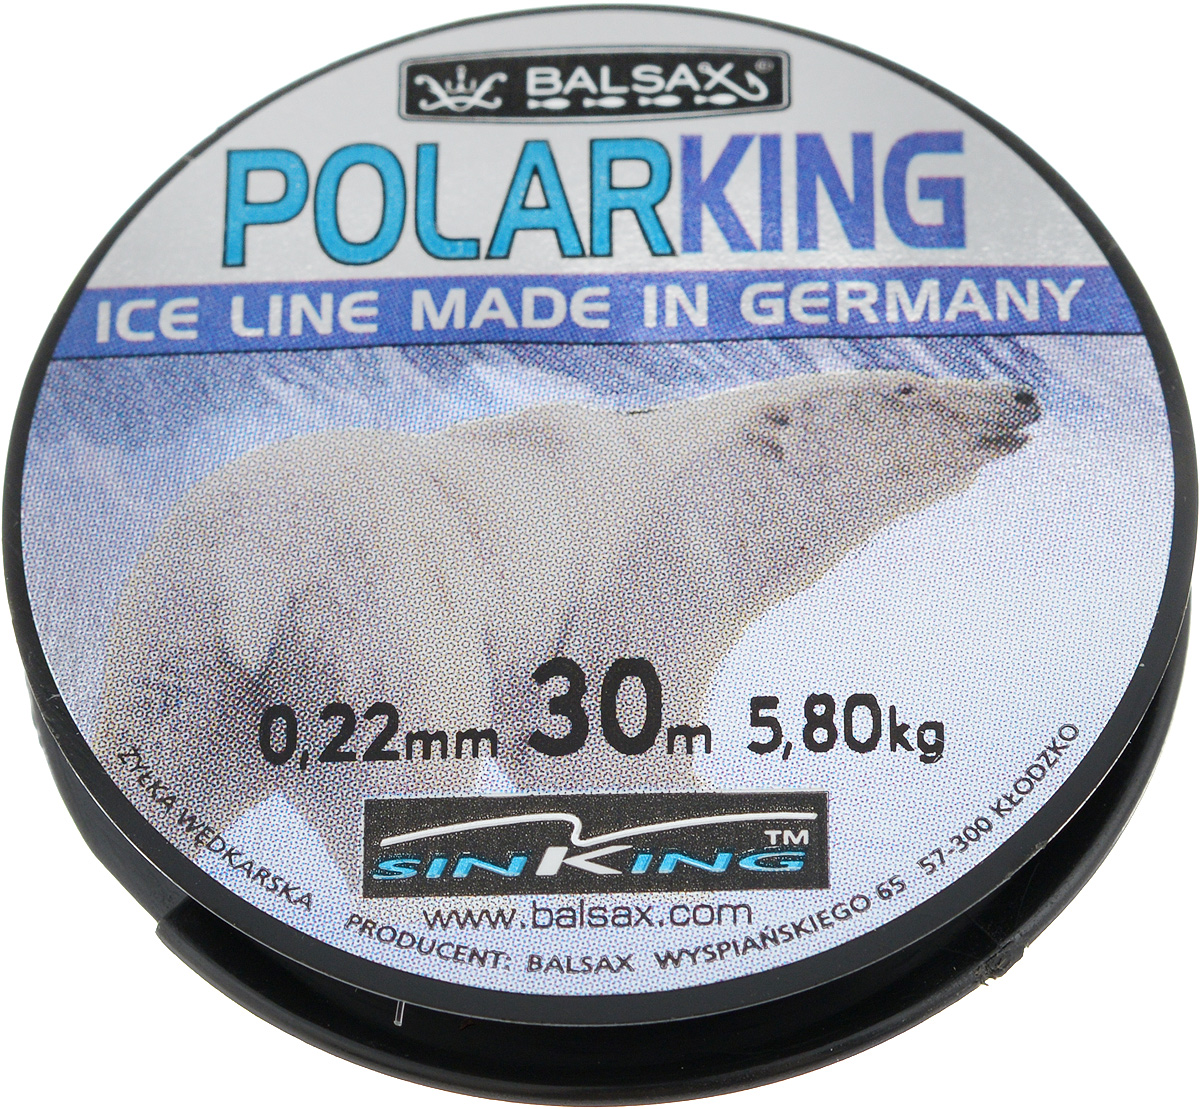 Леска зимняя Balsax Polar King, 30 м, 0,22 мм, 5,8 кг310-13022Леска Balsax Polar King изготовлена из 100% нейлона и очень хорошо выдерживаетнизкие температуры. Даже в самом холодном климате, при температуре вплотьдо -40°C, она сохраняет свои свойствапрактически без изменений, в то время как традиционные лески становятся менееэластичными и теряют прочность. Поверхность лески обработана таким образом, что она не обмерзает и отличноподходит для подледного лова. Прочна вместах вязки узлов даже при минимальном диаметре.